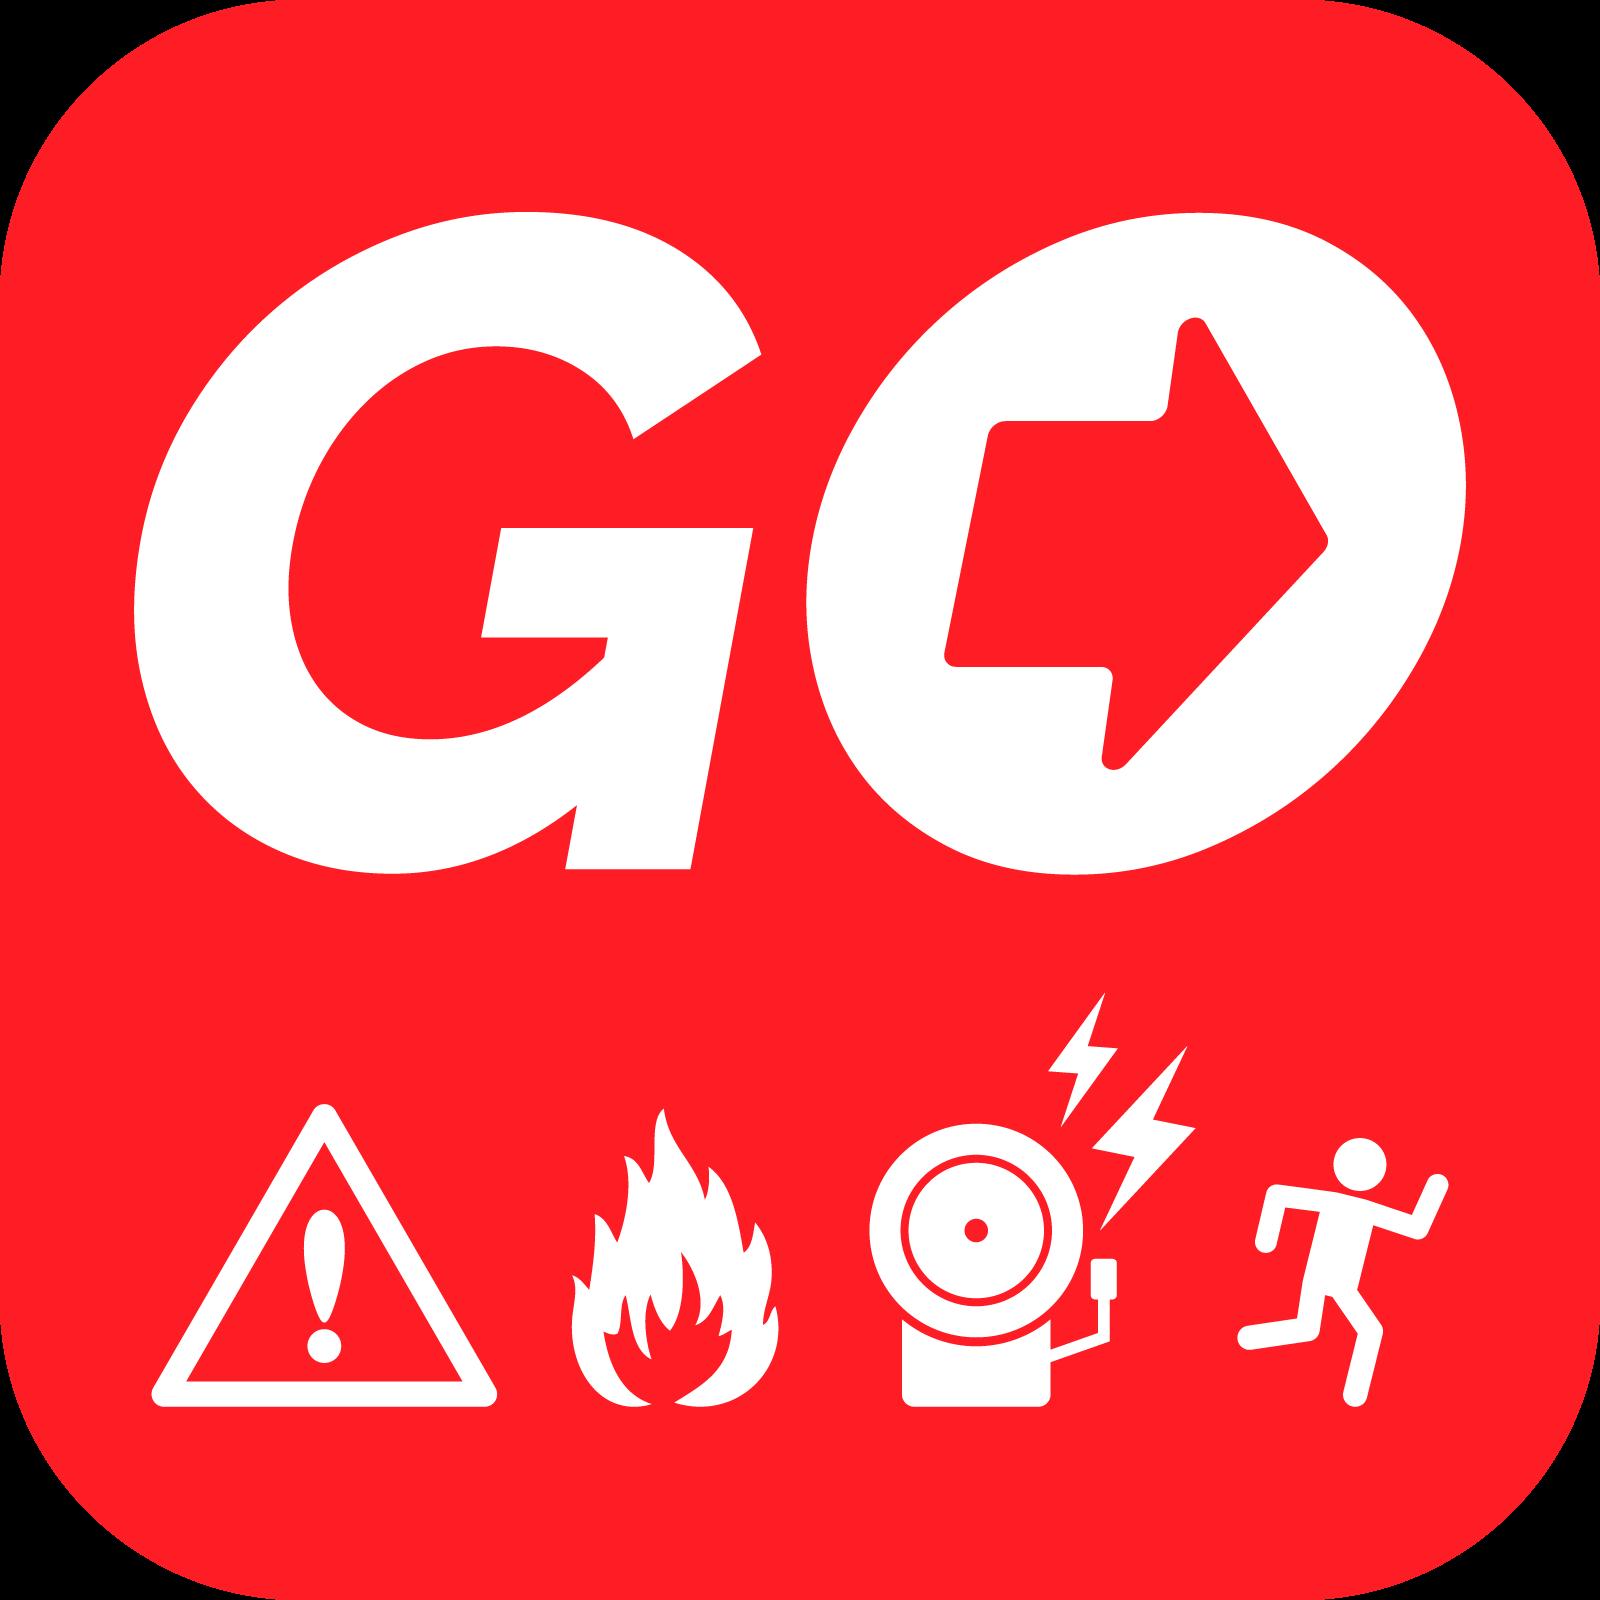 bggoplan-app-icon